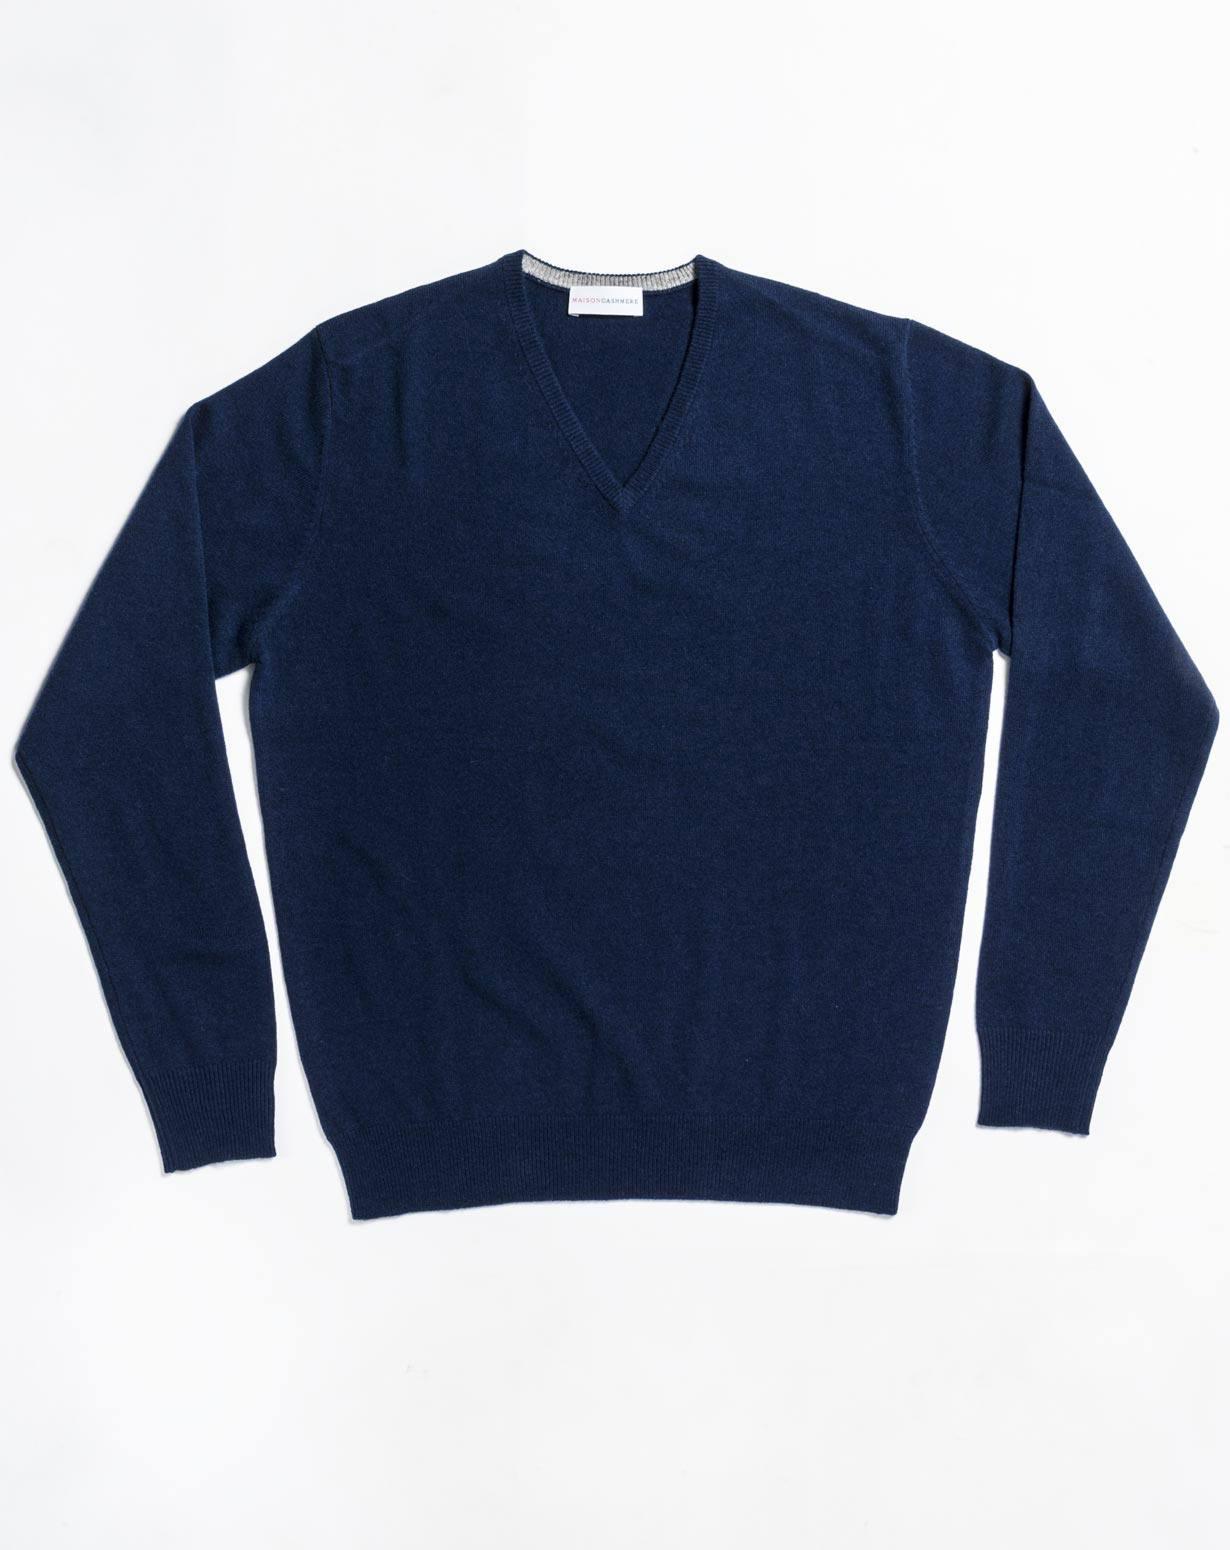 Große Größen Herren - Pullover mit V-Ausschnitt